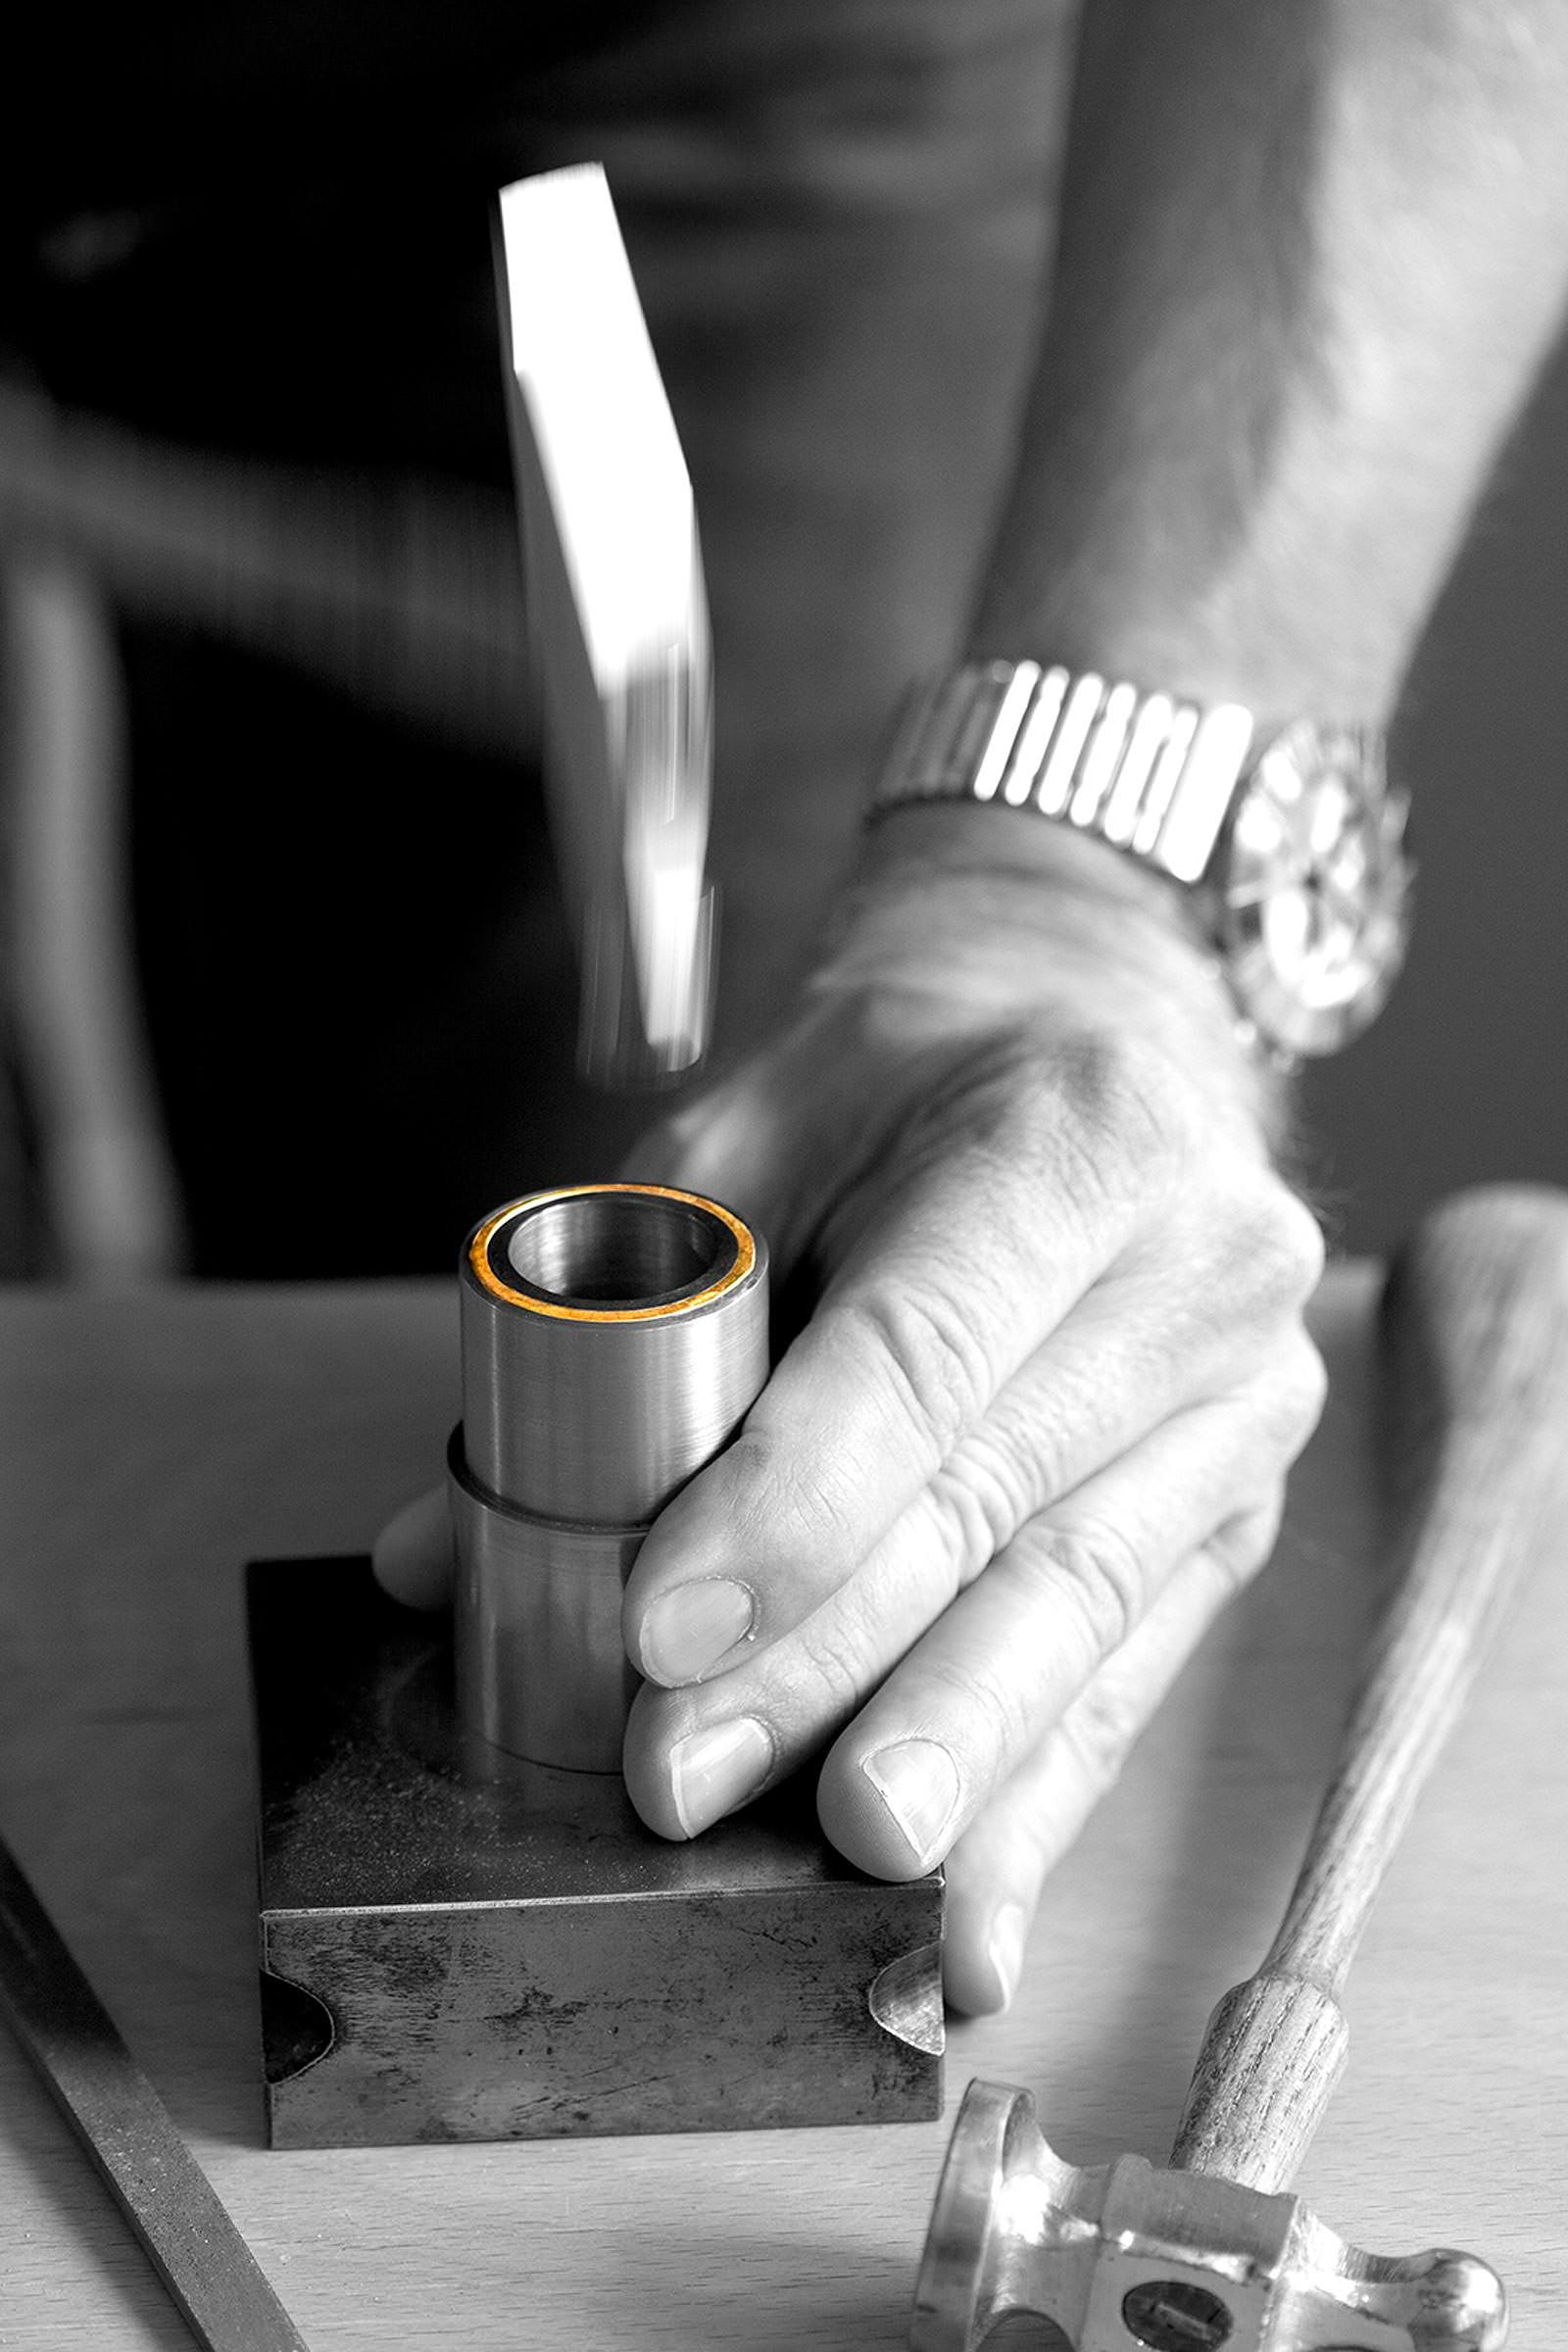 Einzigartige Schmiedekunst - So werden unsere Unikate in traditioneller und vor allem eigener Handwerkskunst geschmiedet, was Sie sehen und vor allem fühlen können. Denn die Haptik und die Solidität verkörpern den wahren Wert unserer speziellen Goldschmiede-Kunst. Auf kommerziellen (billigen) Schmuckguss verzichten wir, denn ein echtes Meisterstück besteht auch aus der kunstvollen Herstellung.